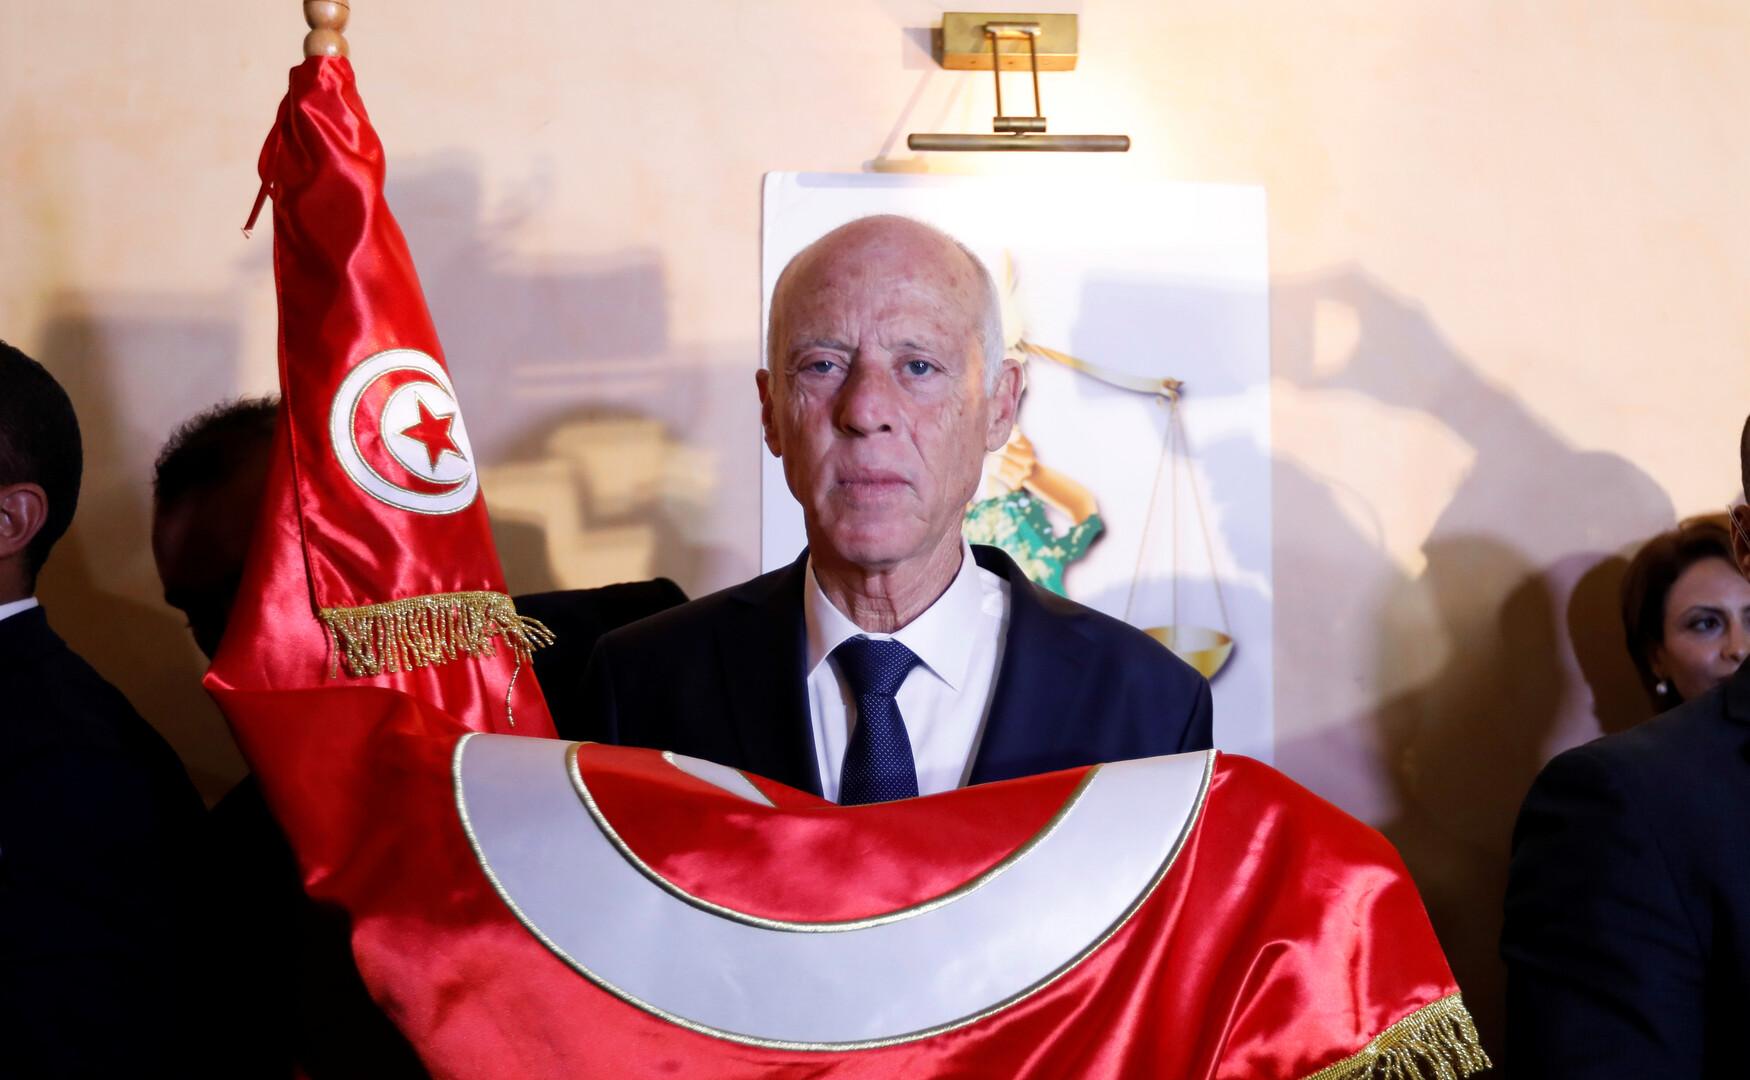 تونس.. الإعلان رسميا عن فوز قيس سعيد في الانتخابات الرئاسية -